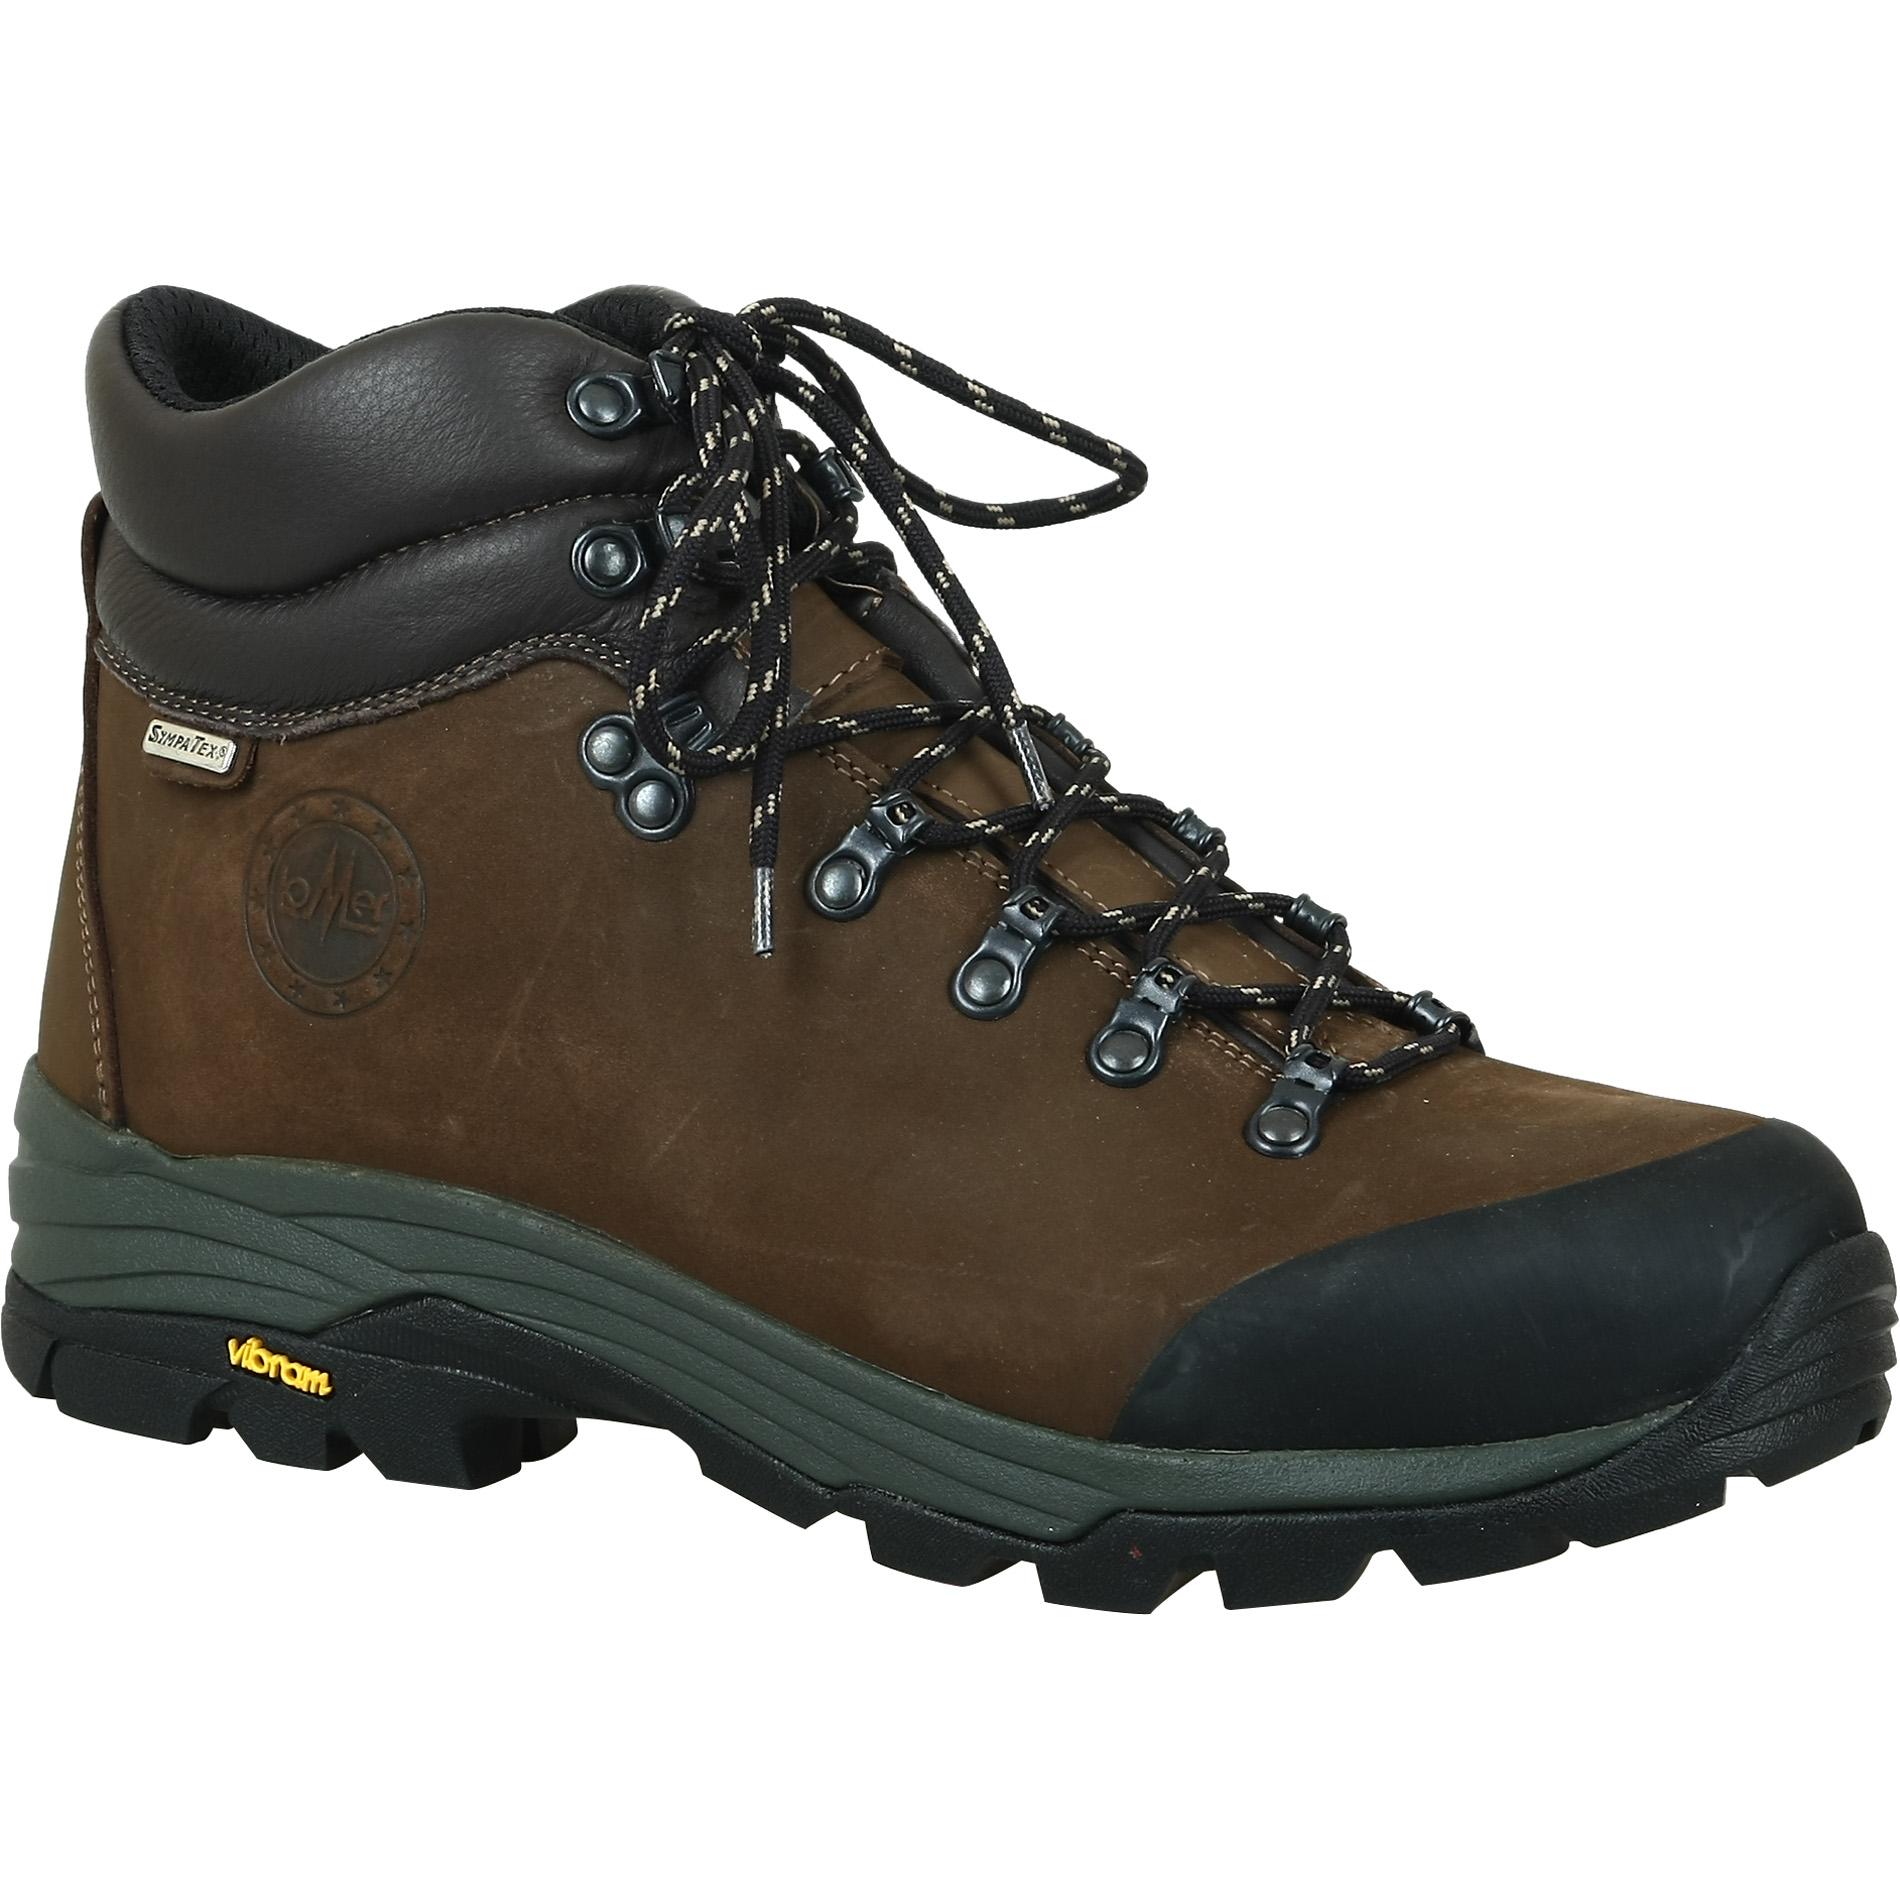 Ботинки трекинговые LOMER Tonale brown/black, Треккинговая обувь - арт. 871130252